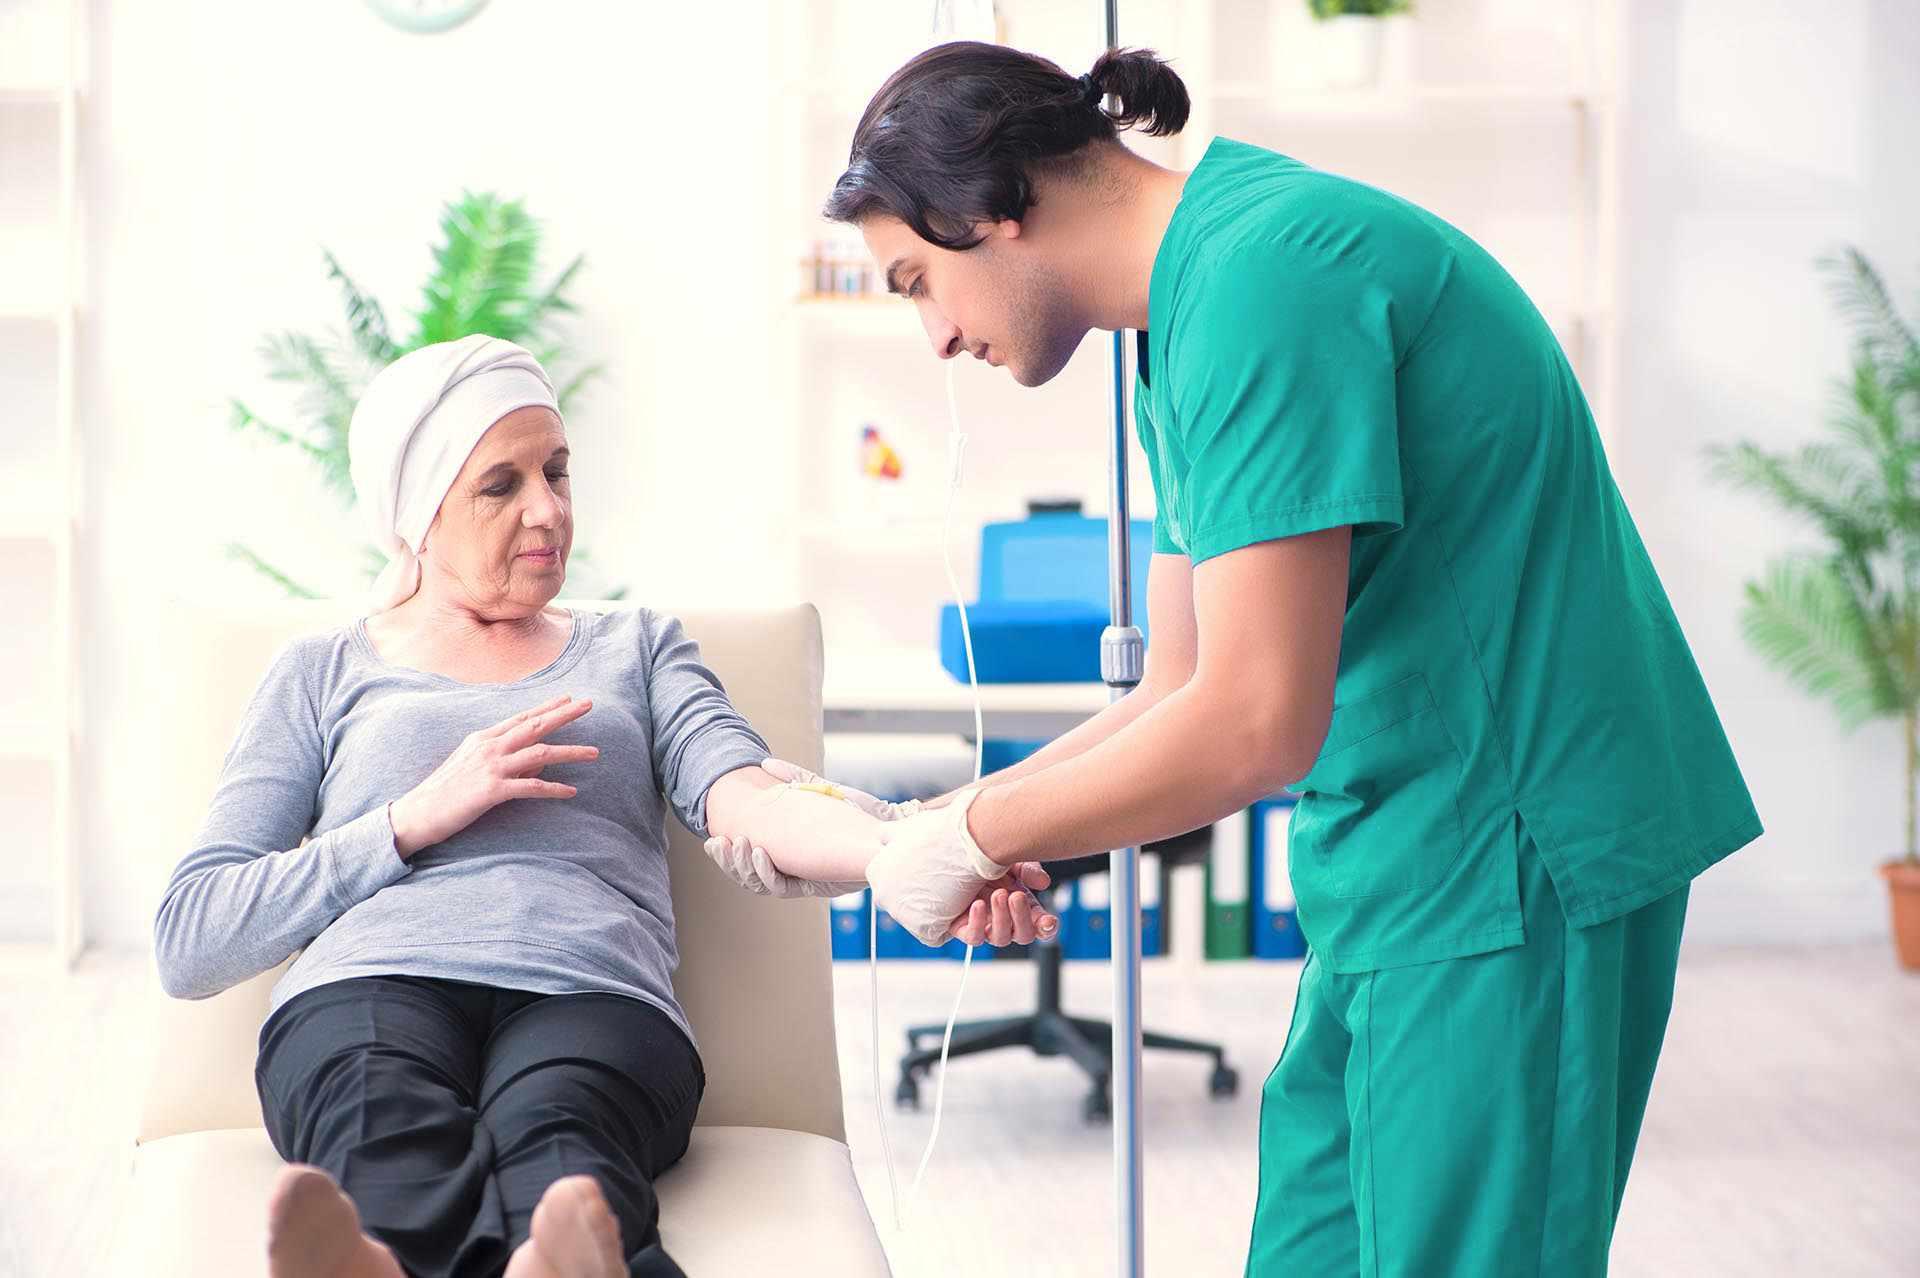 Durchführung der Chemotherapie